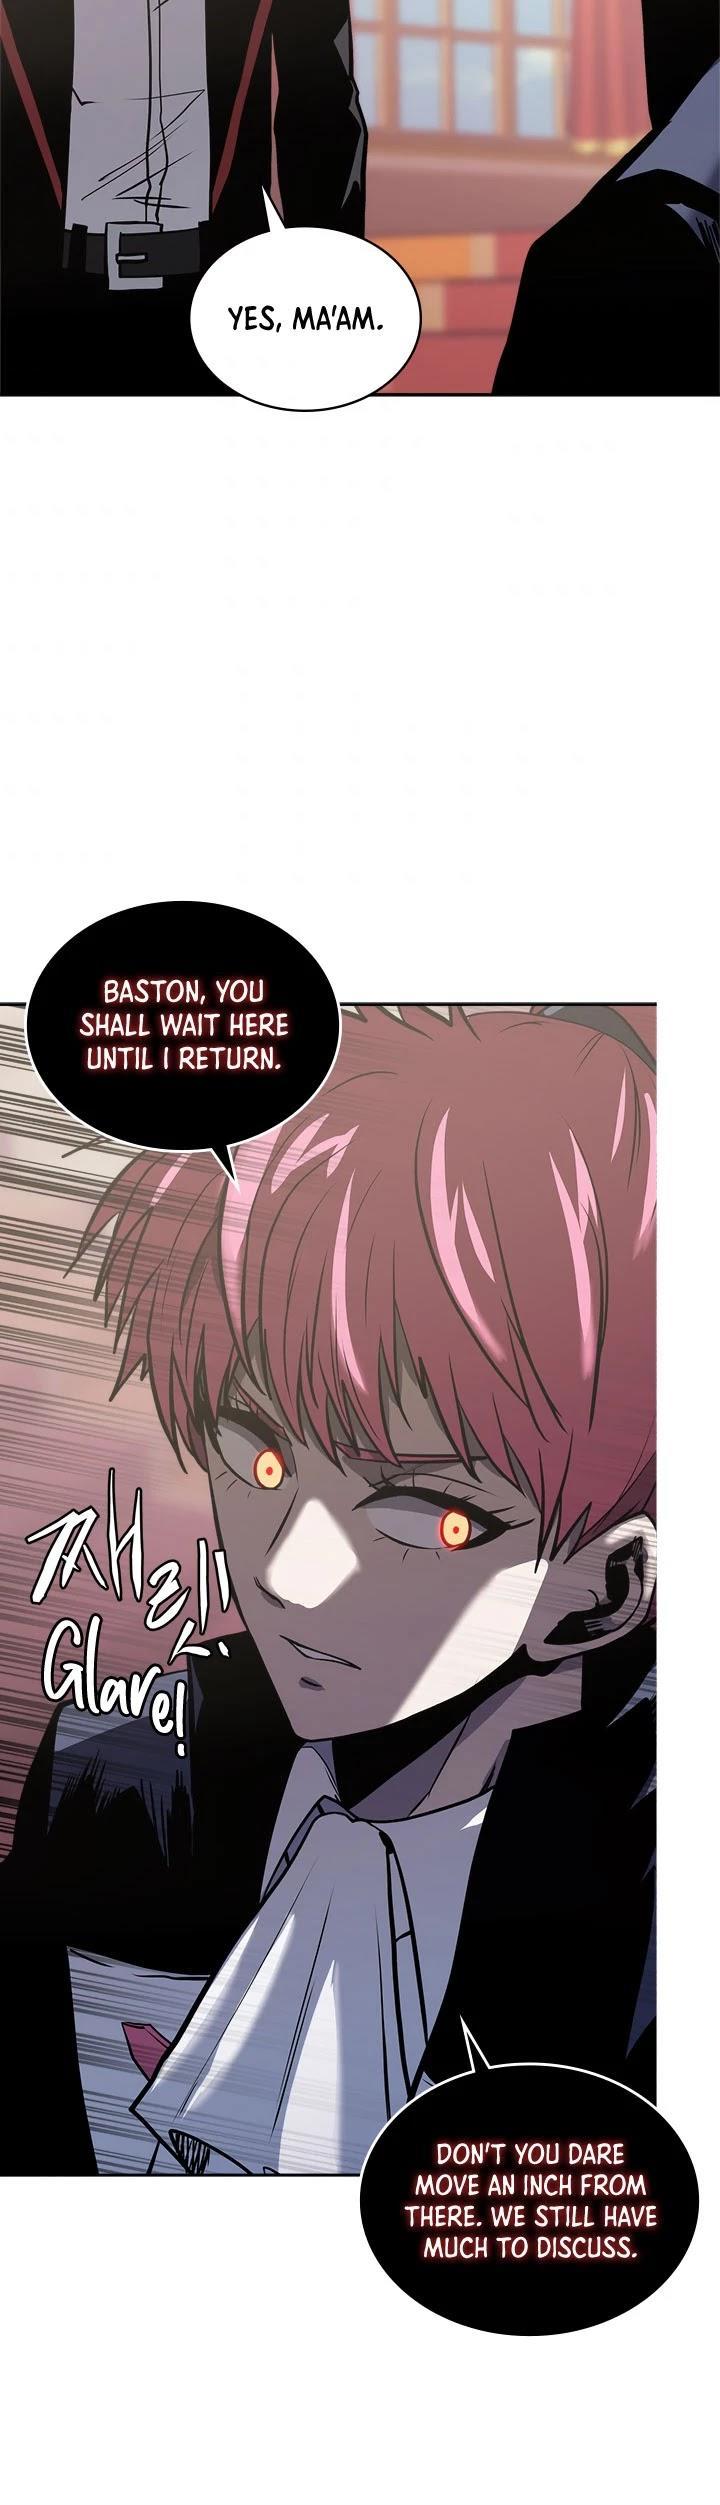 Other World Warrior Chapter 170: Season 4 Ch 58 page 18 - Mangakakalot